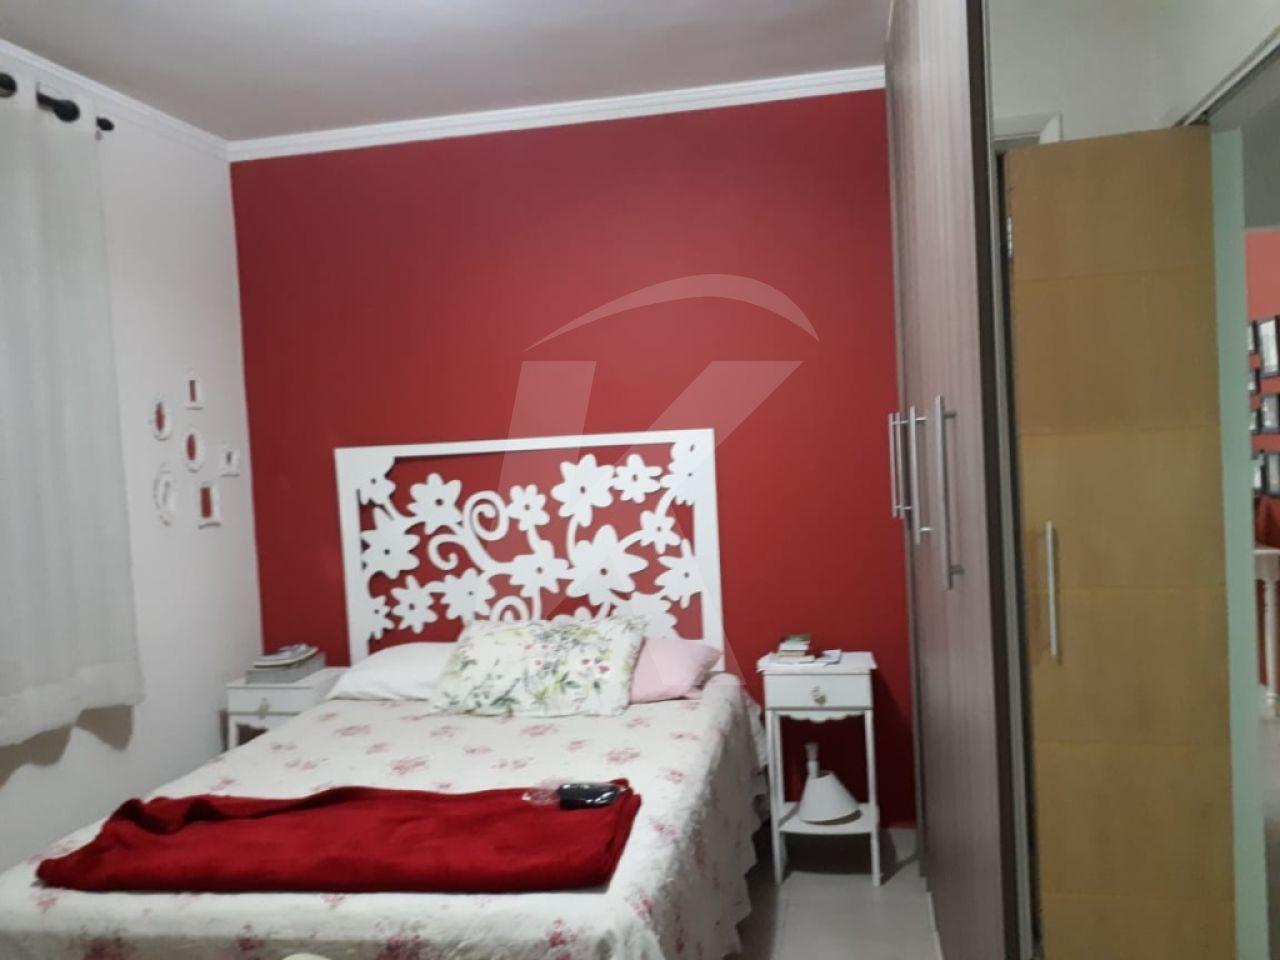 Apartamento Vila Medeiros - 2 Dormitório(s) - São Paulo - SP - REF. KA6887